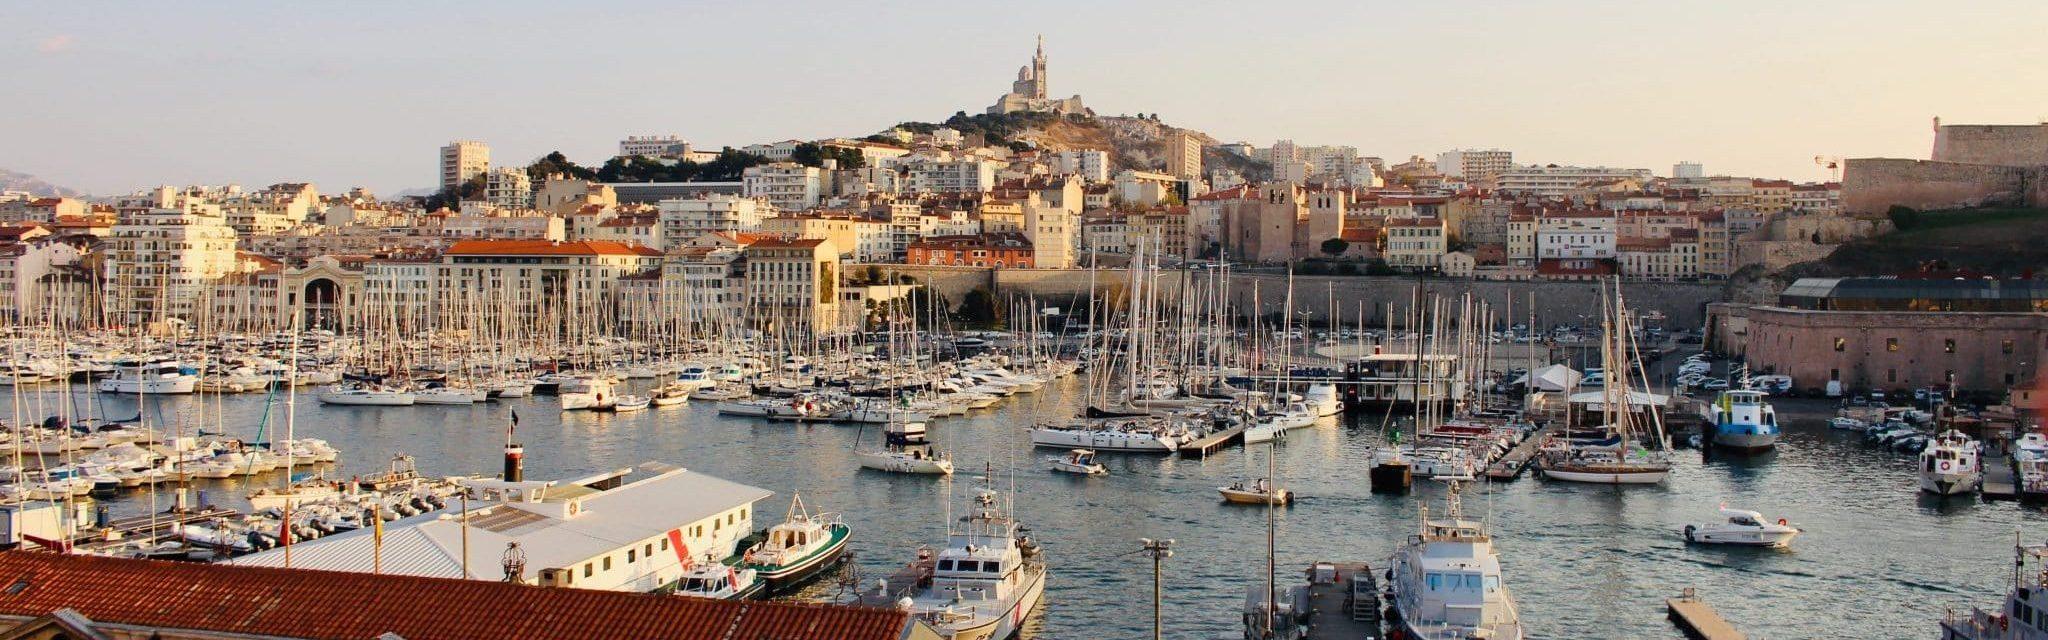 Les lieux incontournables à visiter à Marseille